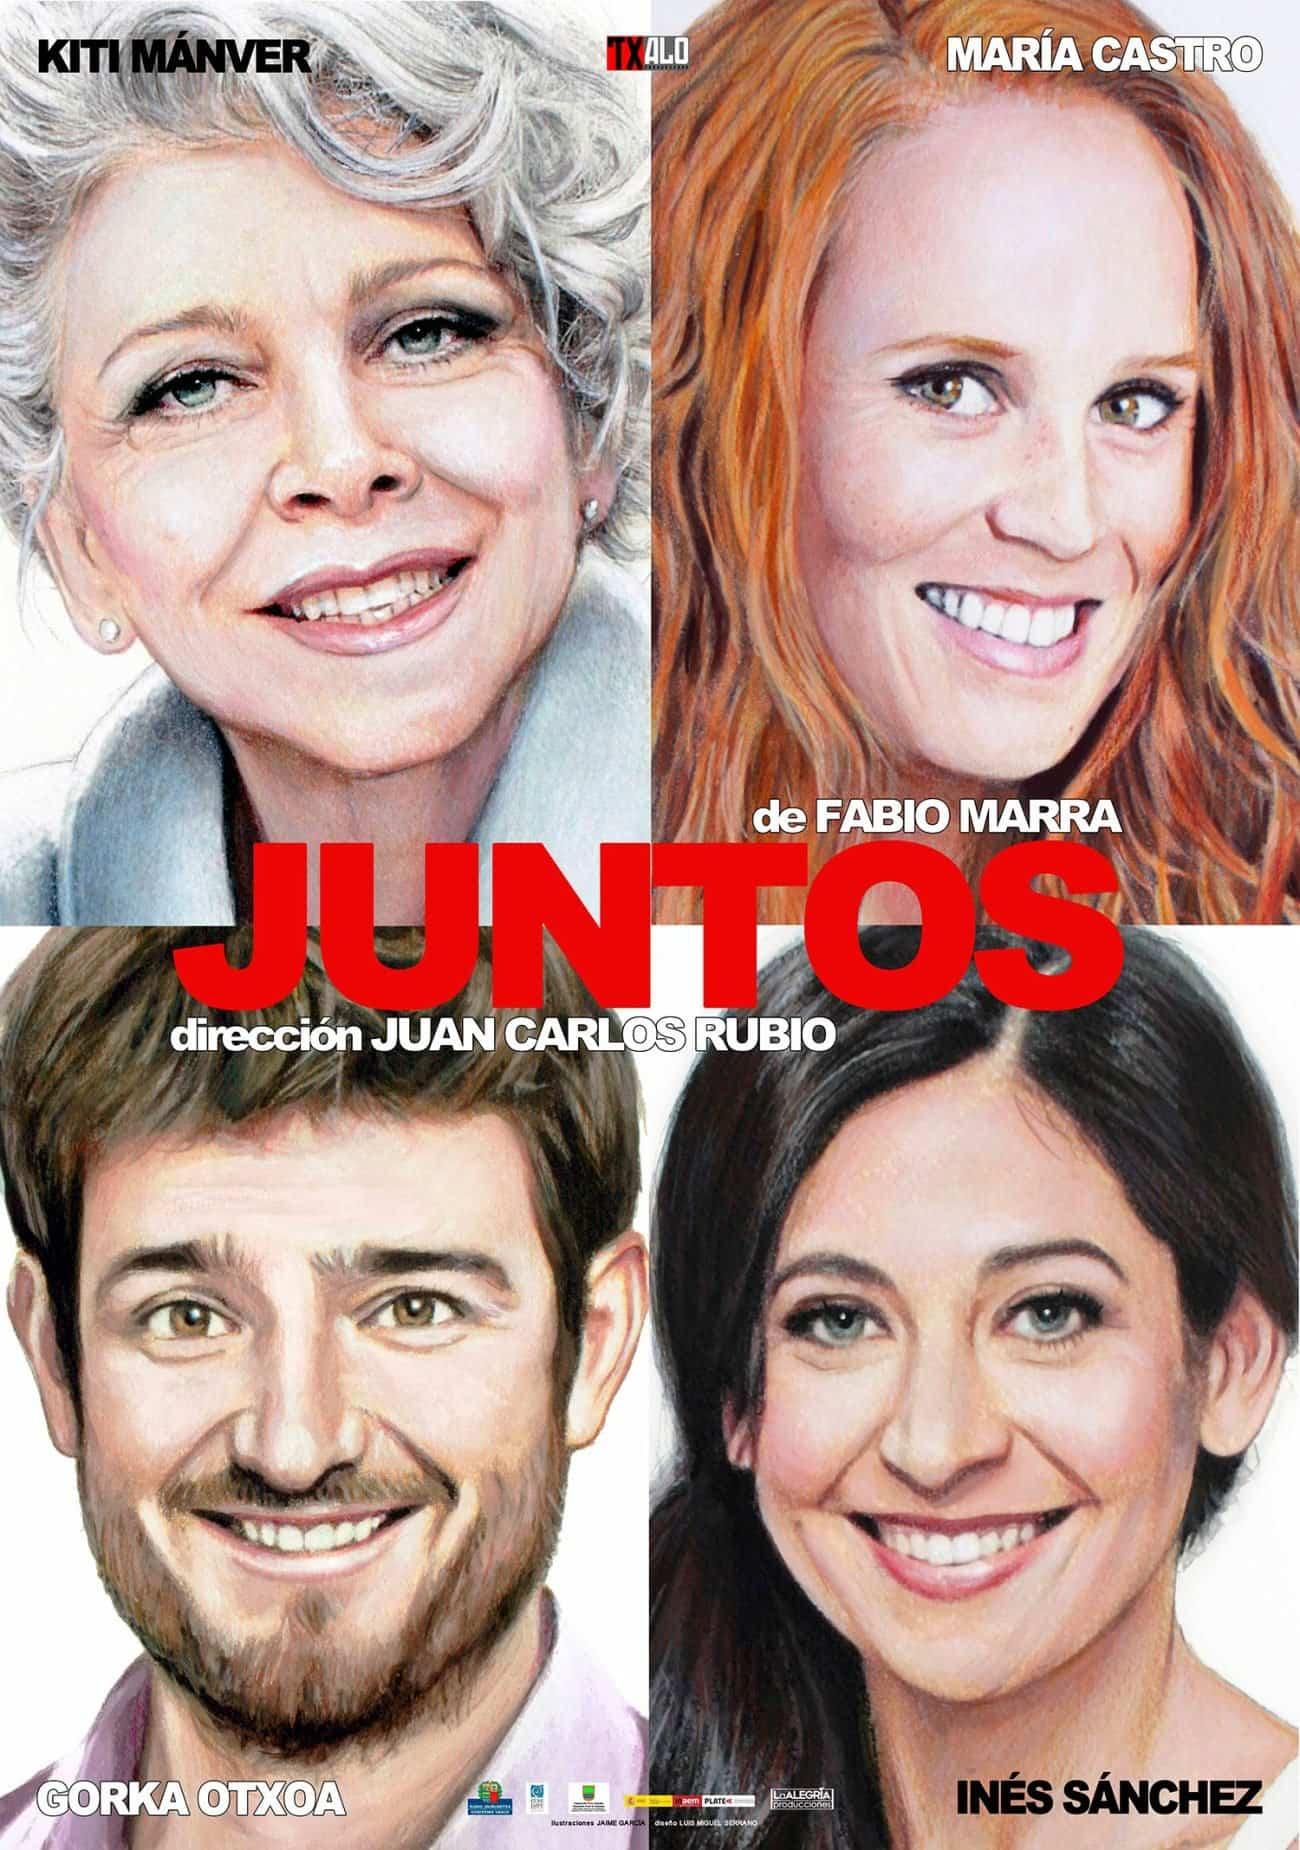 JUNTOS cartelampliado C 1300x1850 - El domingo 15 de diciembre llega al Auditorio Municipal la obra de teatro «Juntos»